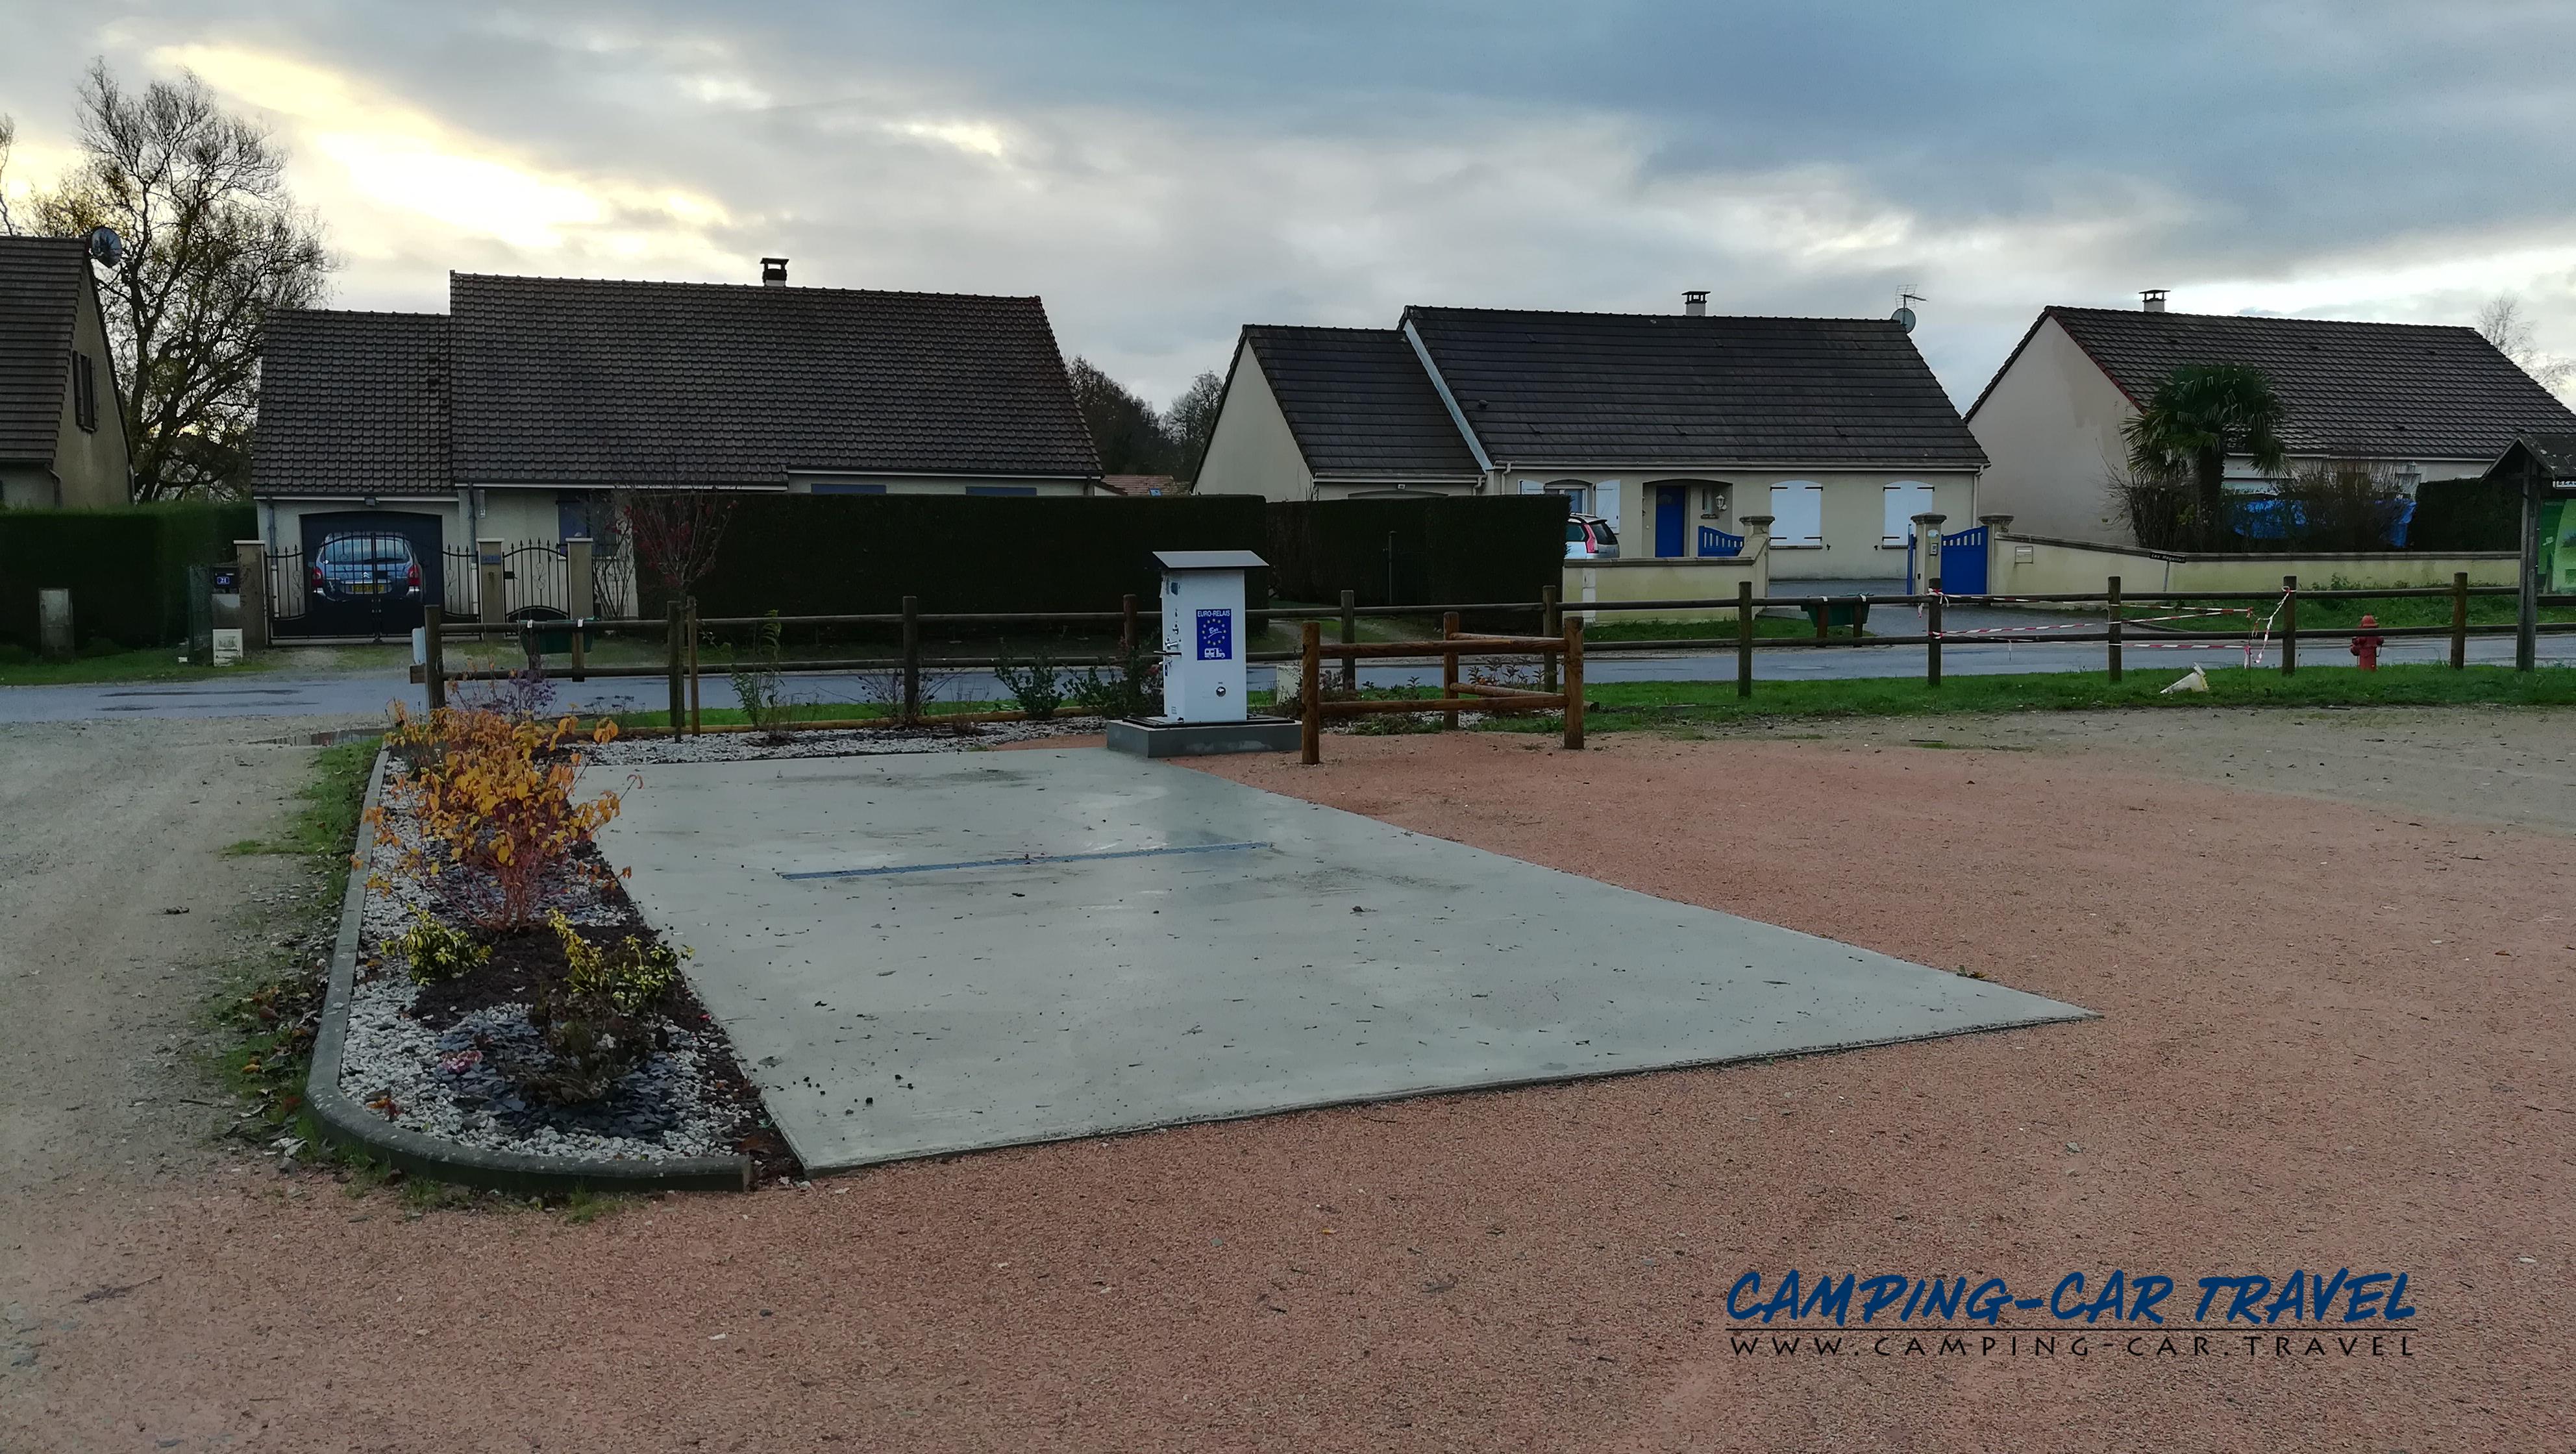 aire services camping car Briosne-lès-Sables Sarthe Pays-de-la-Loire